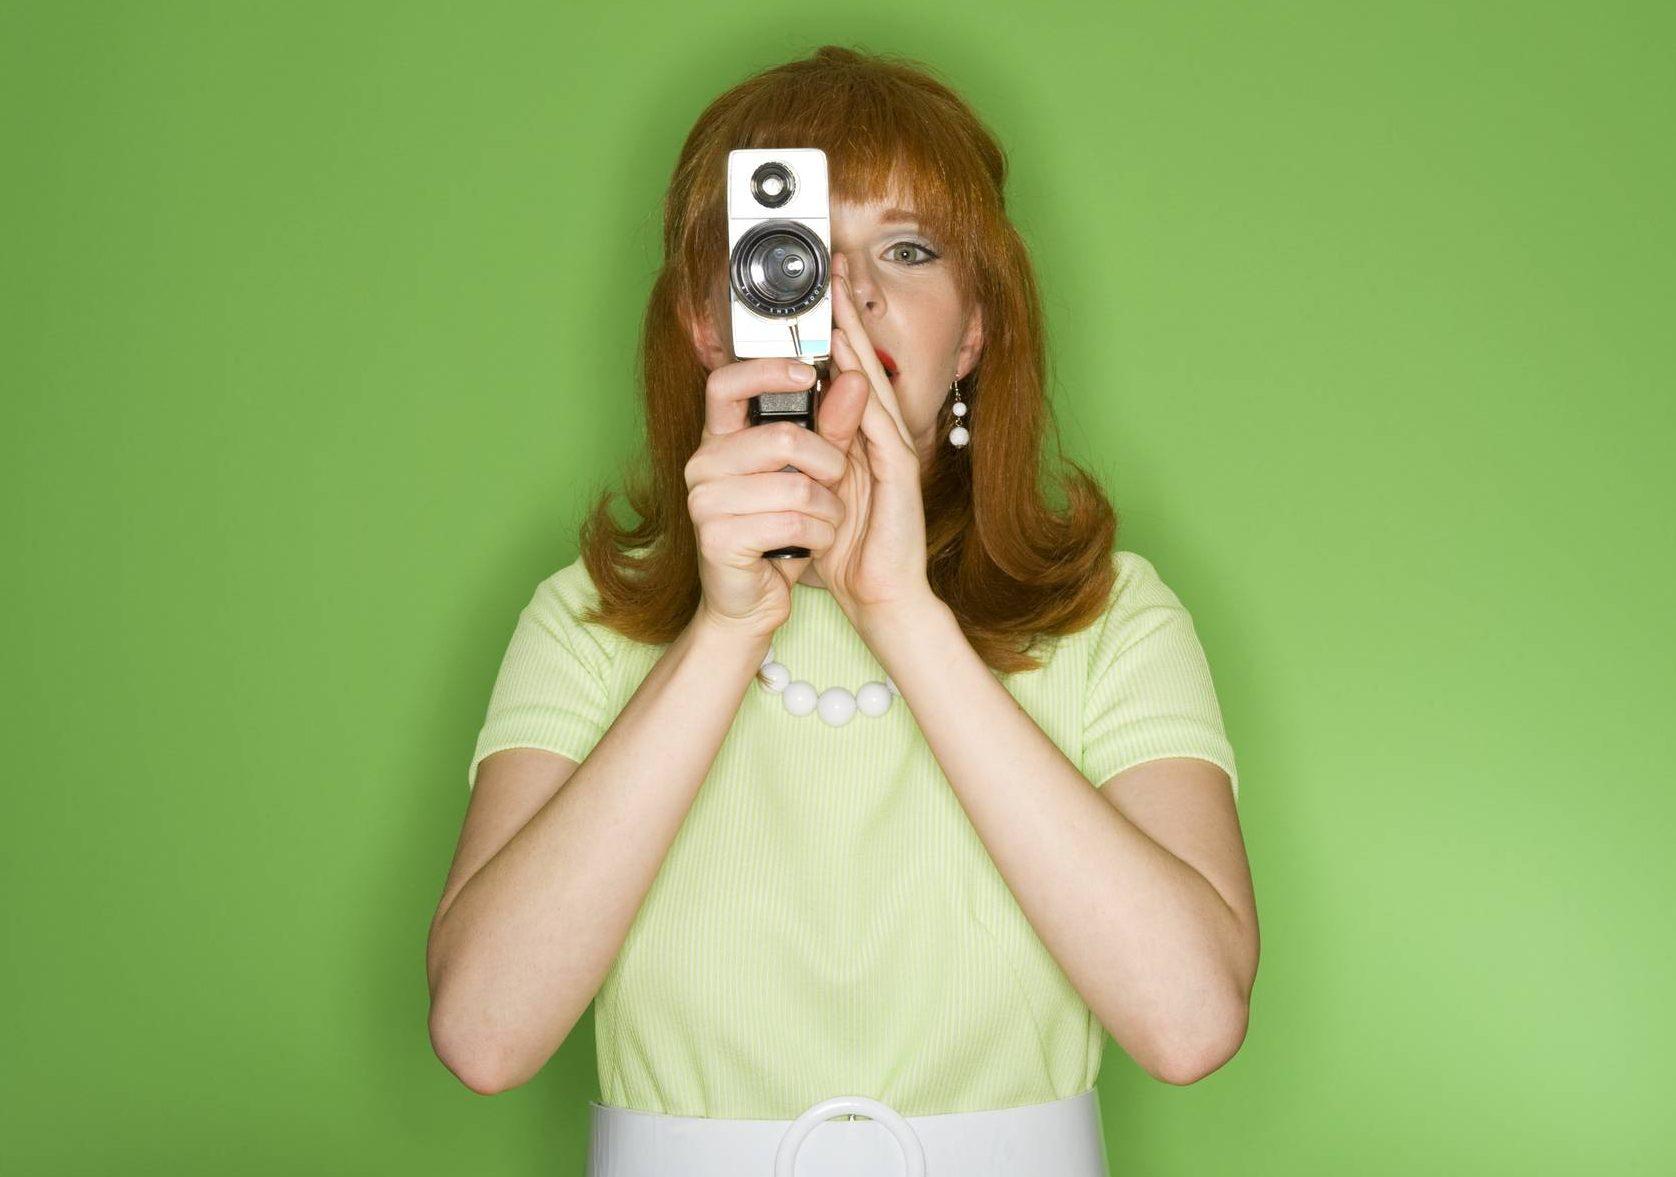 www.juicysantos.com.br - mulheres no audiovisual - mulher com roupa vintage e câmera vintage em fundo verde